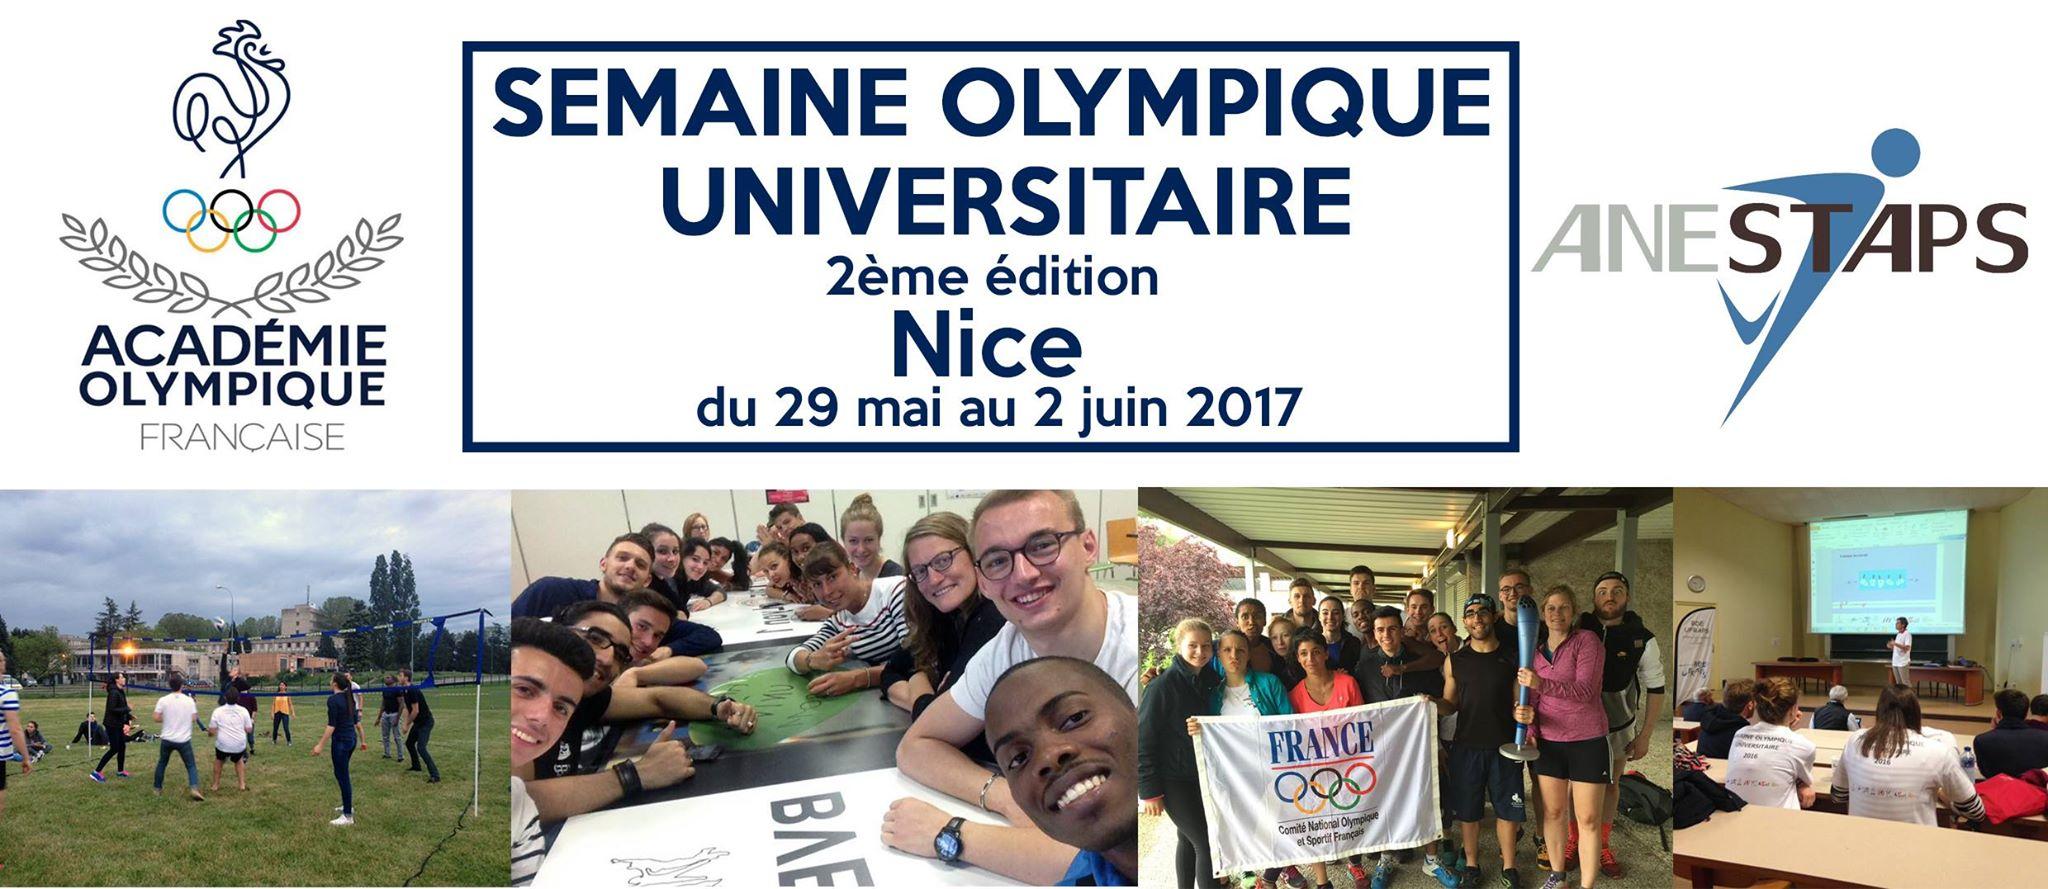 Seconde semaine olympique universitaire